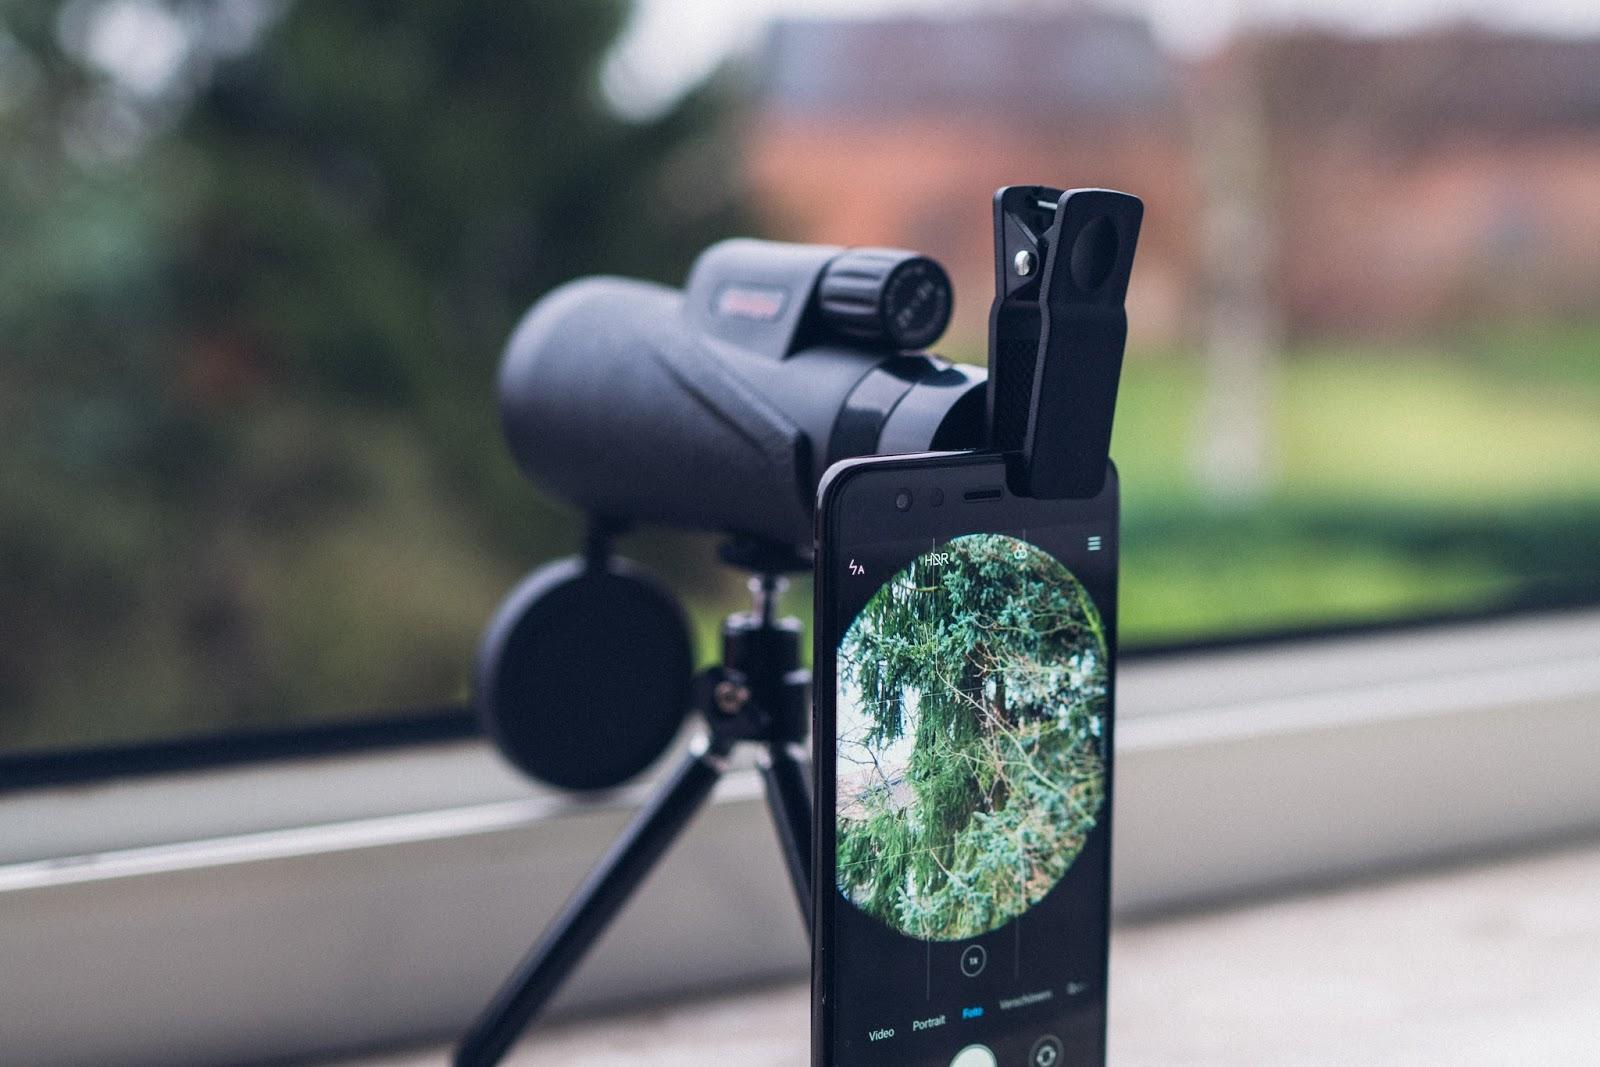 Teleskop fürs handy smartphone objektive im Überblick computer